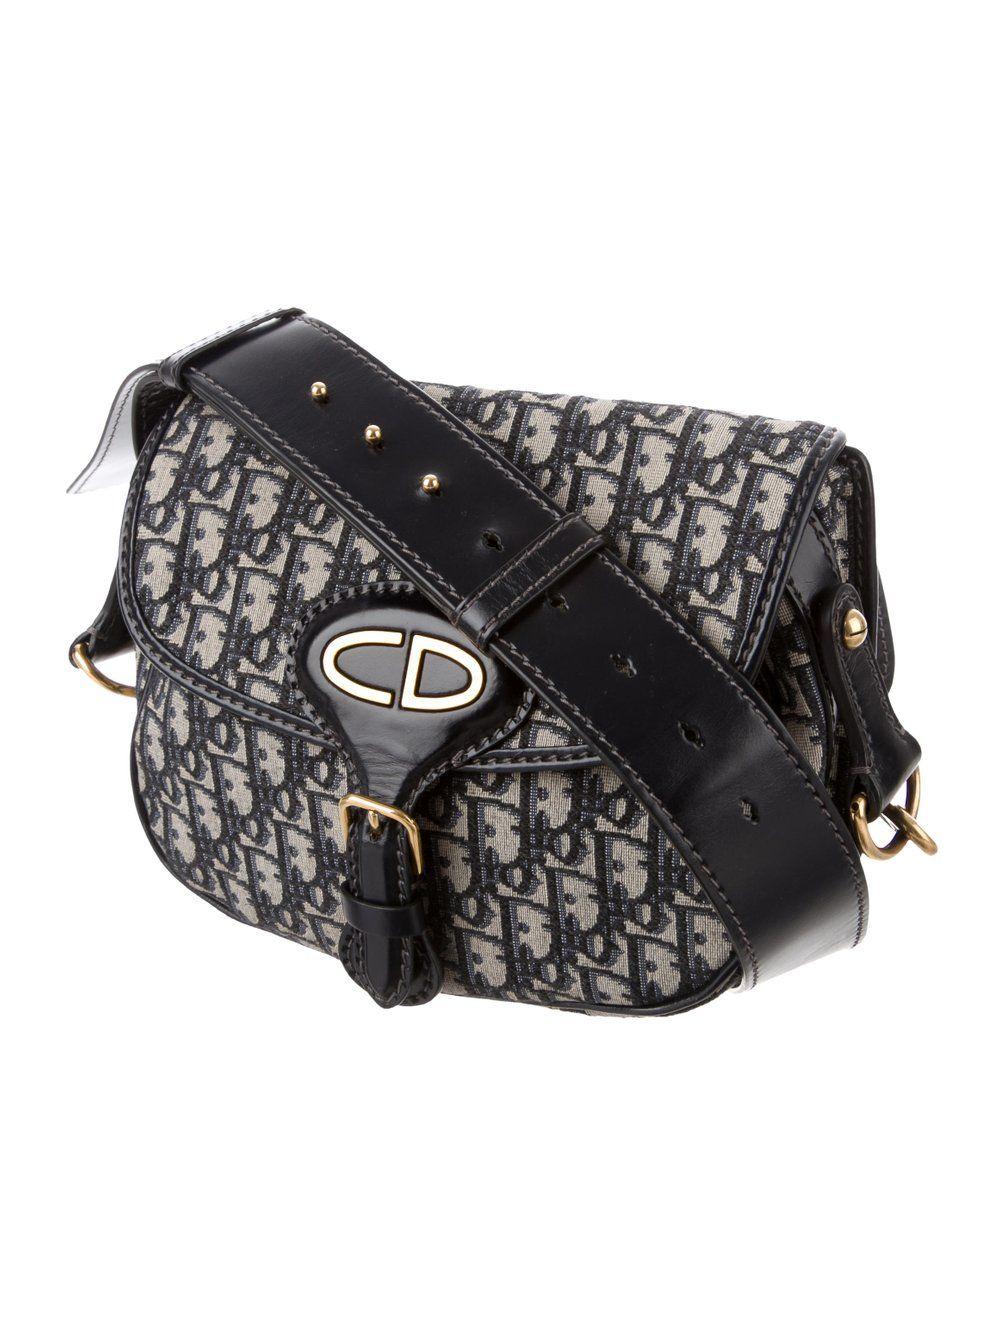 88d2e7272 Christian Dior 2017 Oblique Saddle Bag - Handbags - CHR72376 | The RealReal